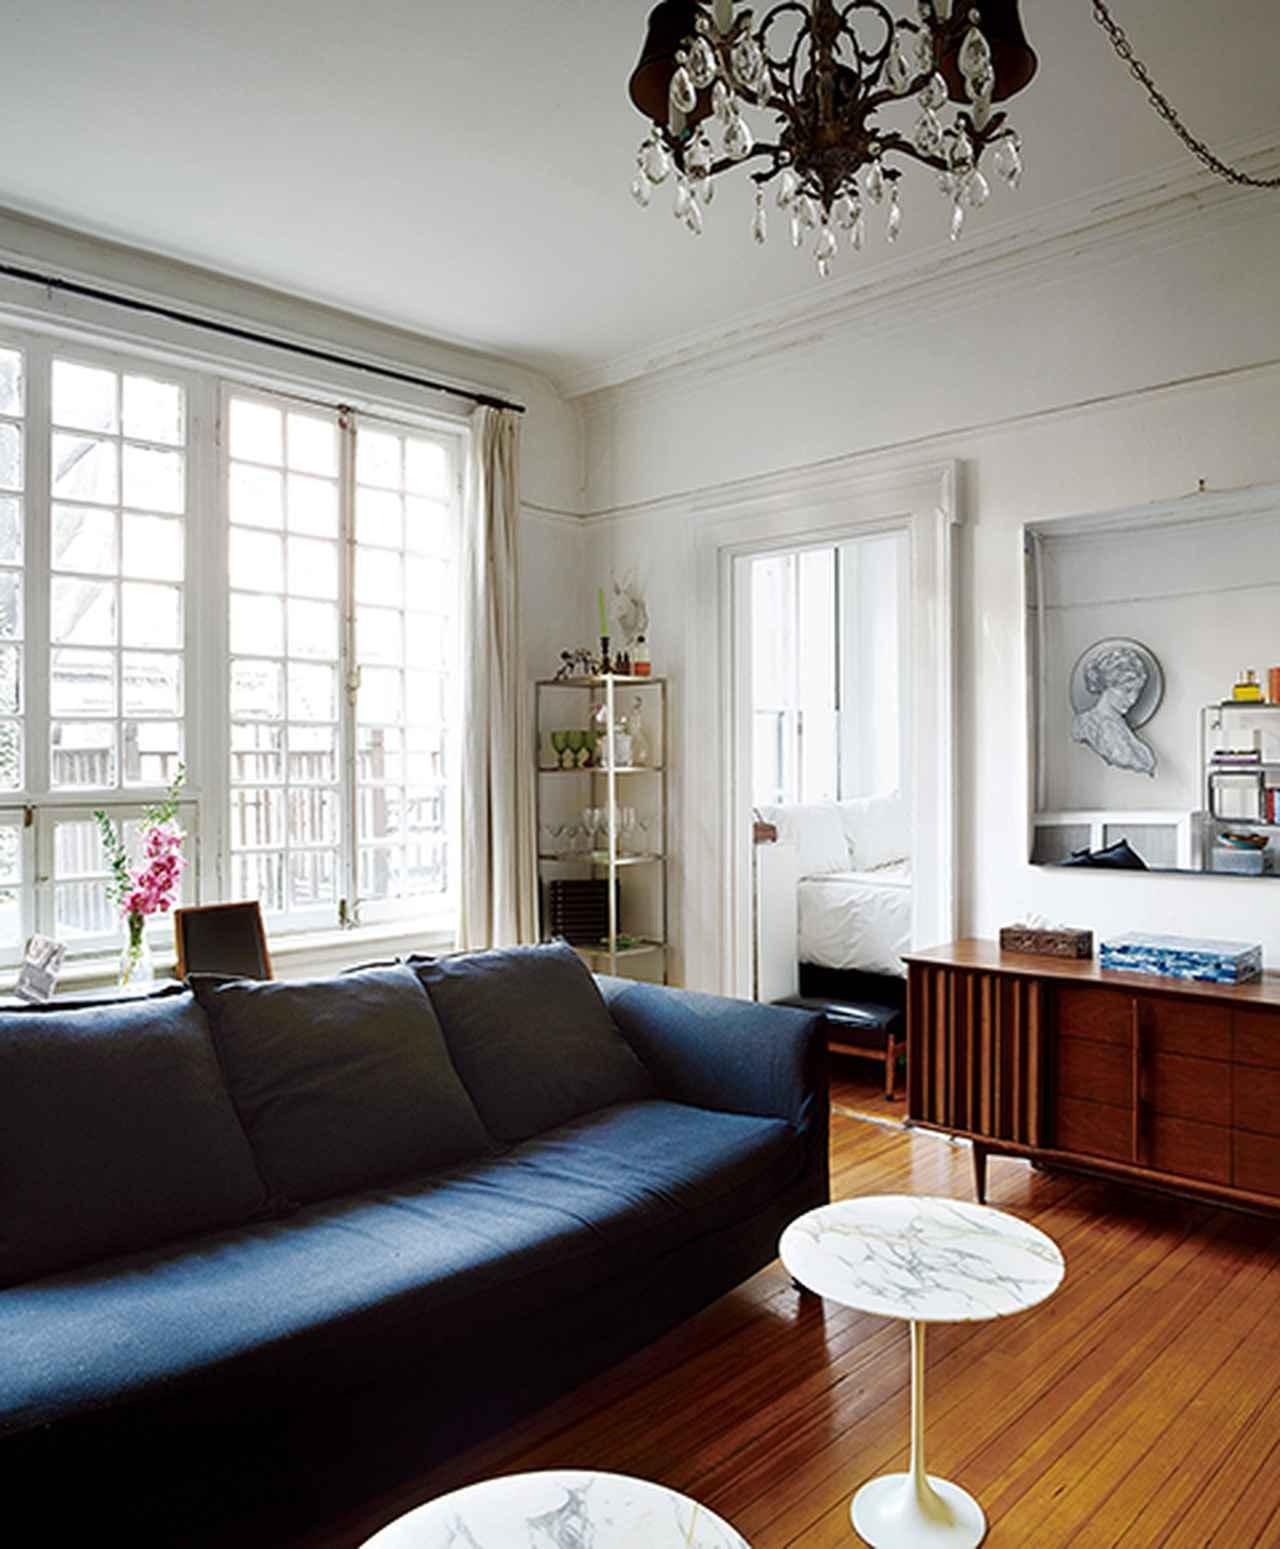 Images : 4番目の画像 - 「グリニッチビレッジの面影を残す アパートメントに暮らして <前編>」のアルバム - T JAPAN:The New York Times Style Magazine 公式サイト